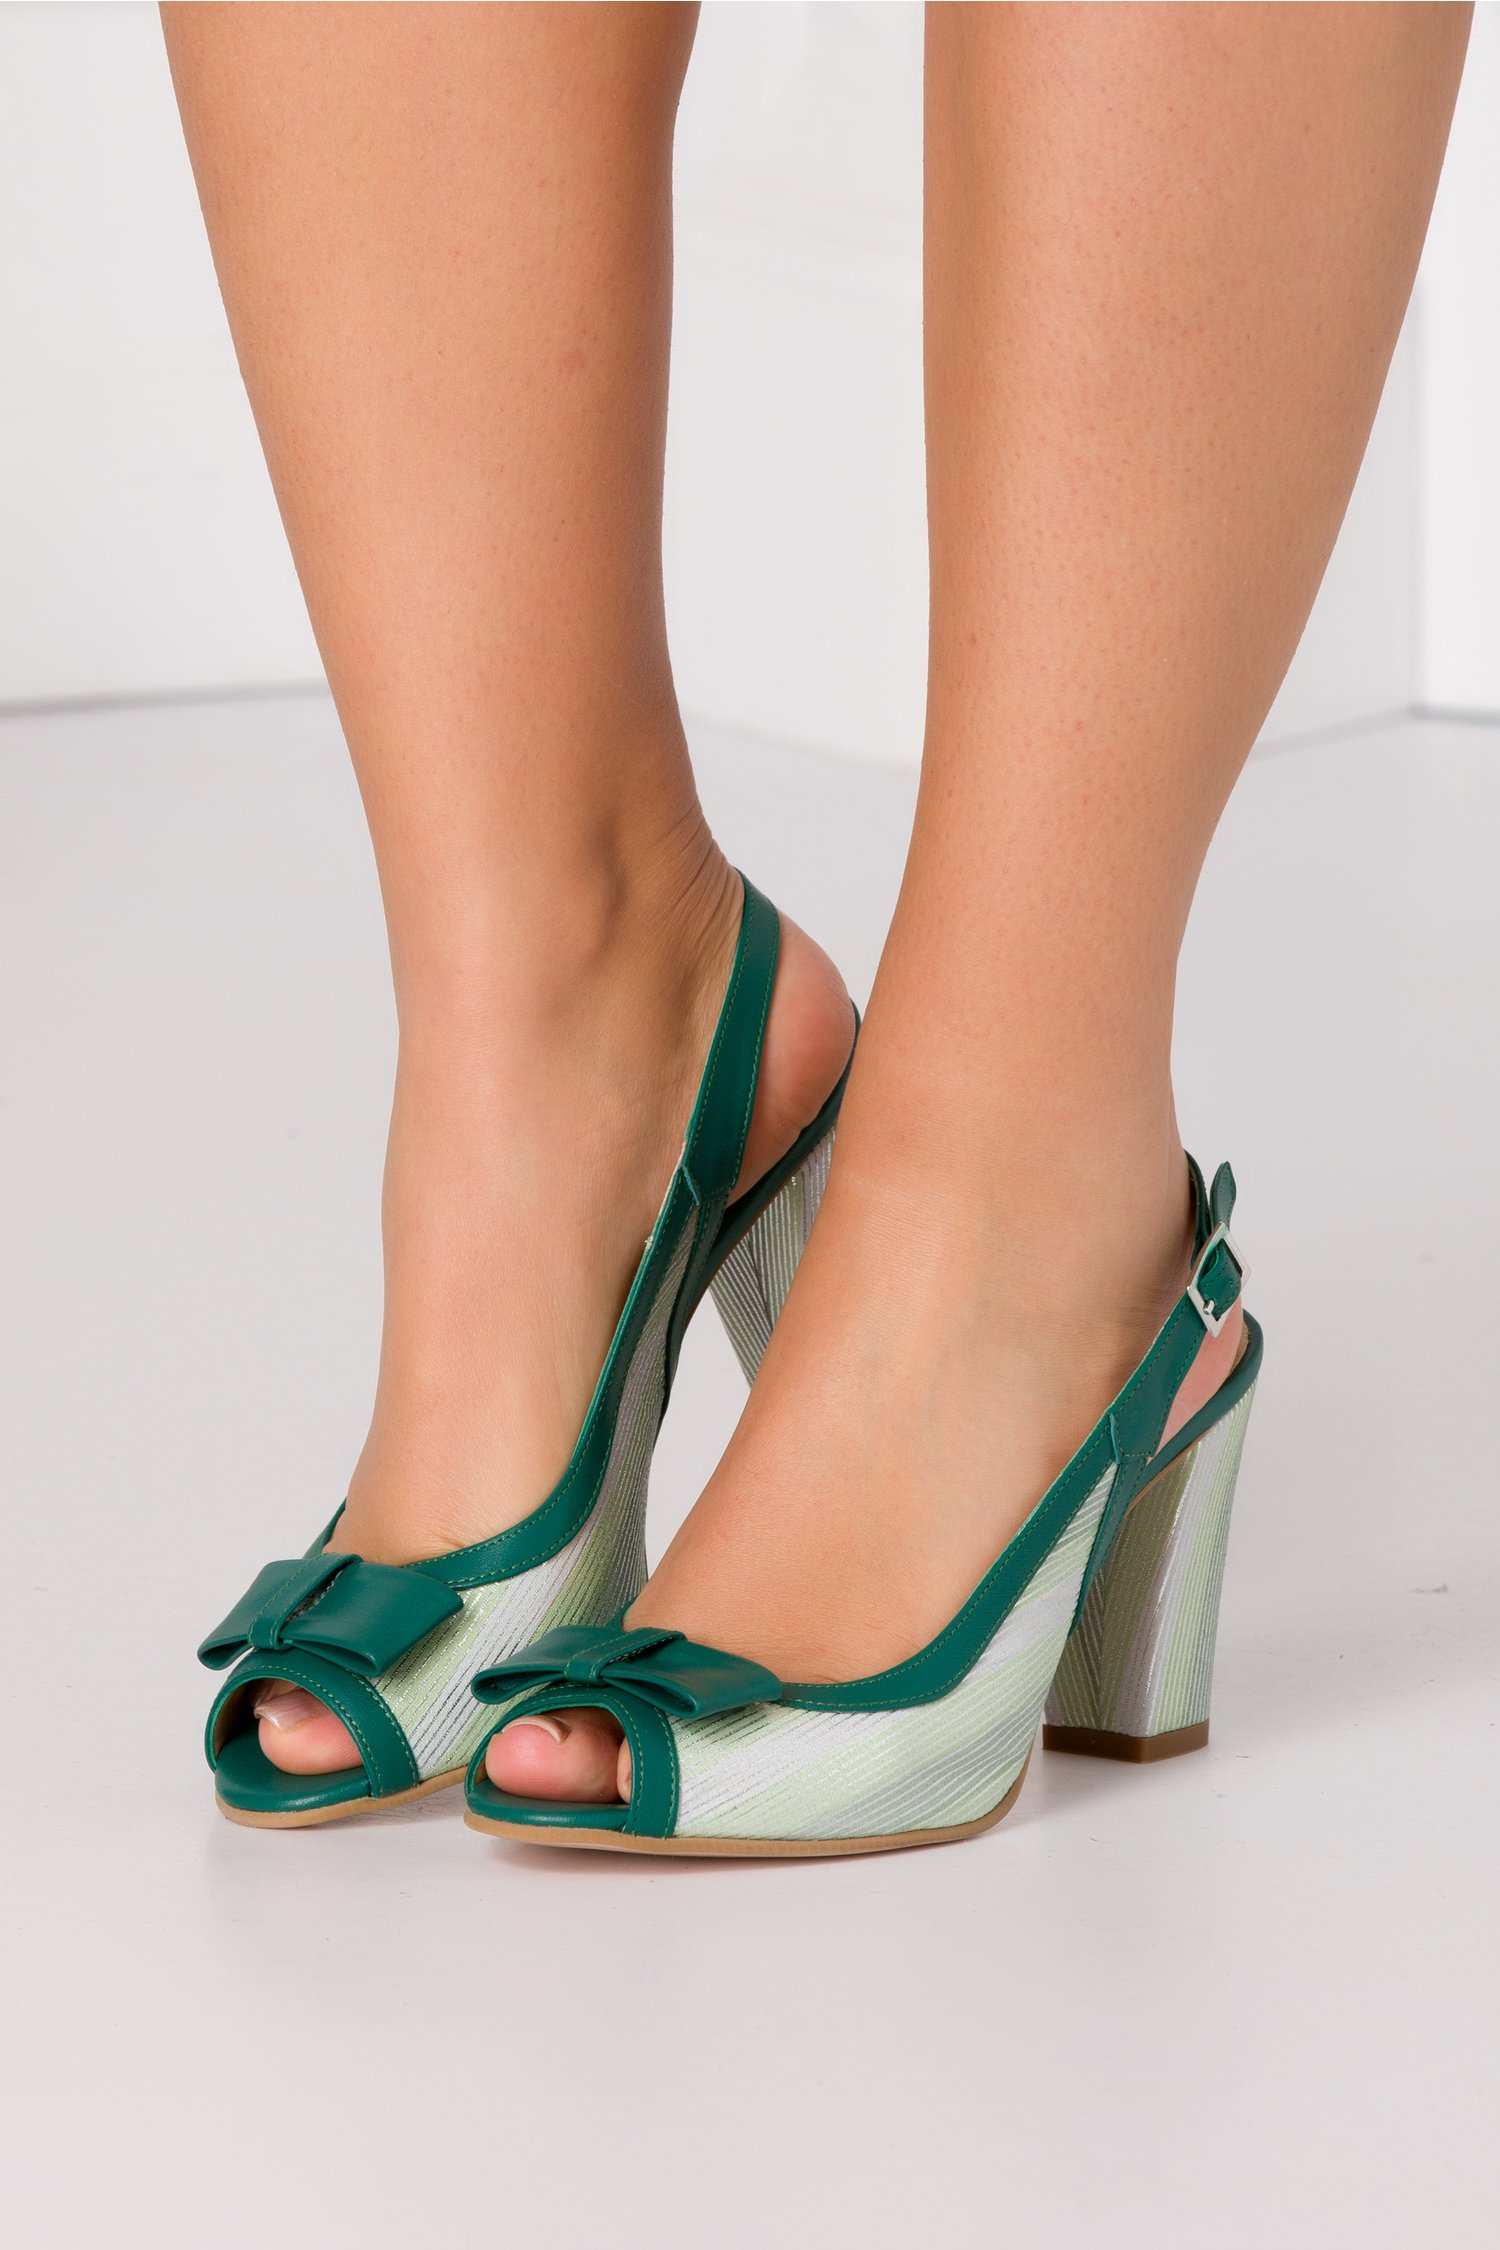 Sandale verzi cu fundita in fata si imprimeu argintiu